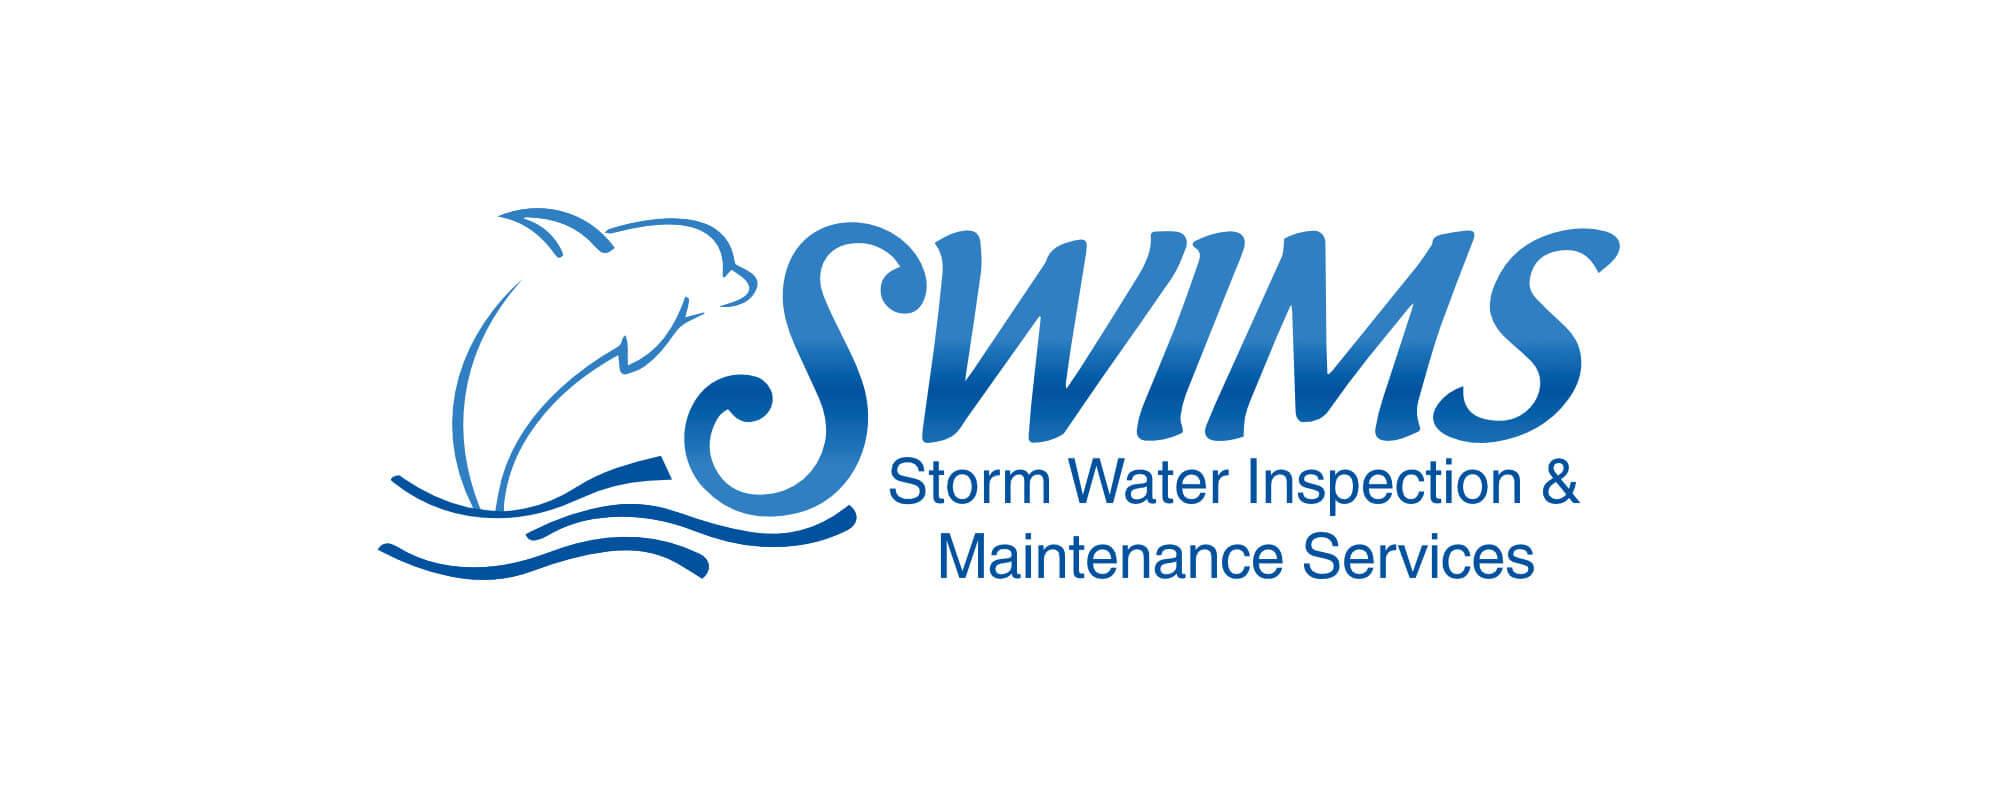 Meet Enviropod's California Installation Partner, SWIMS